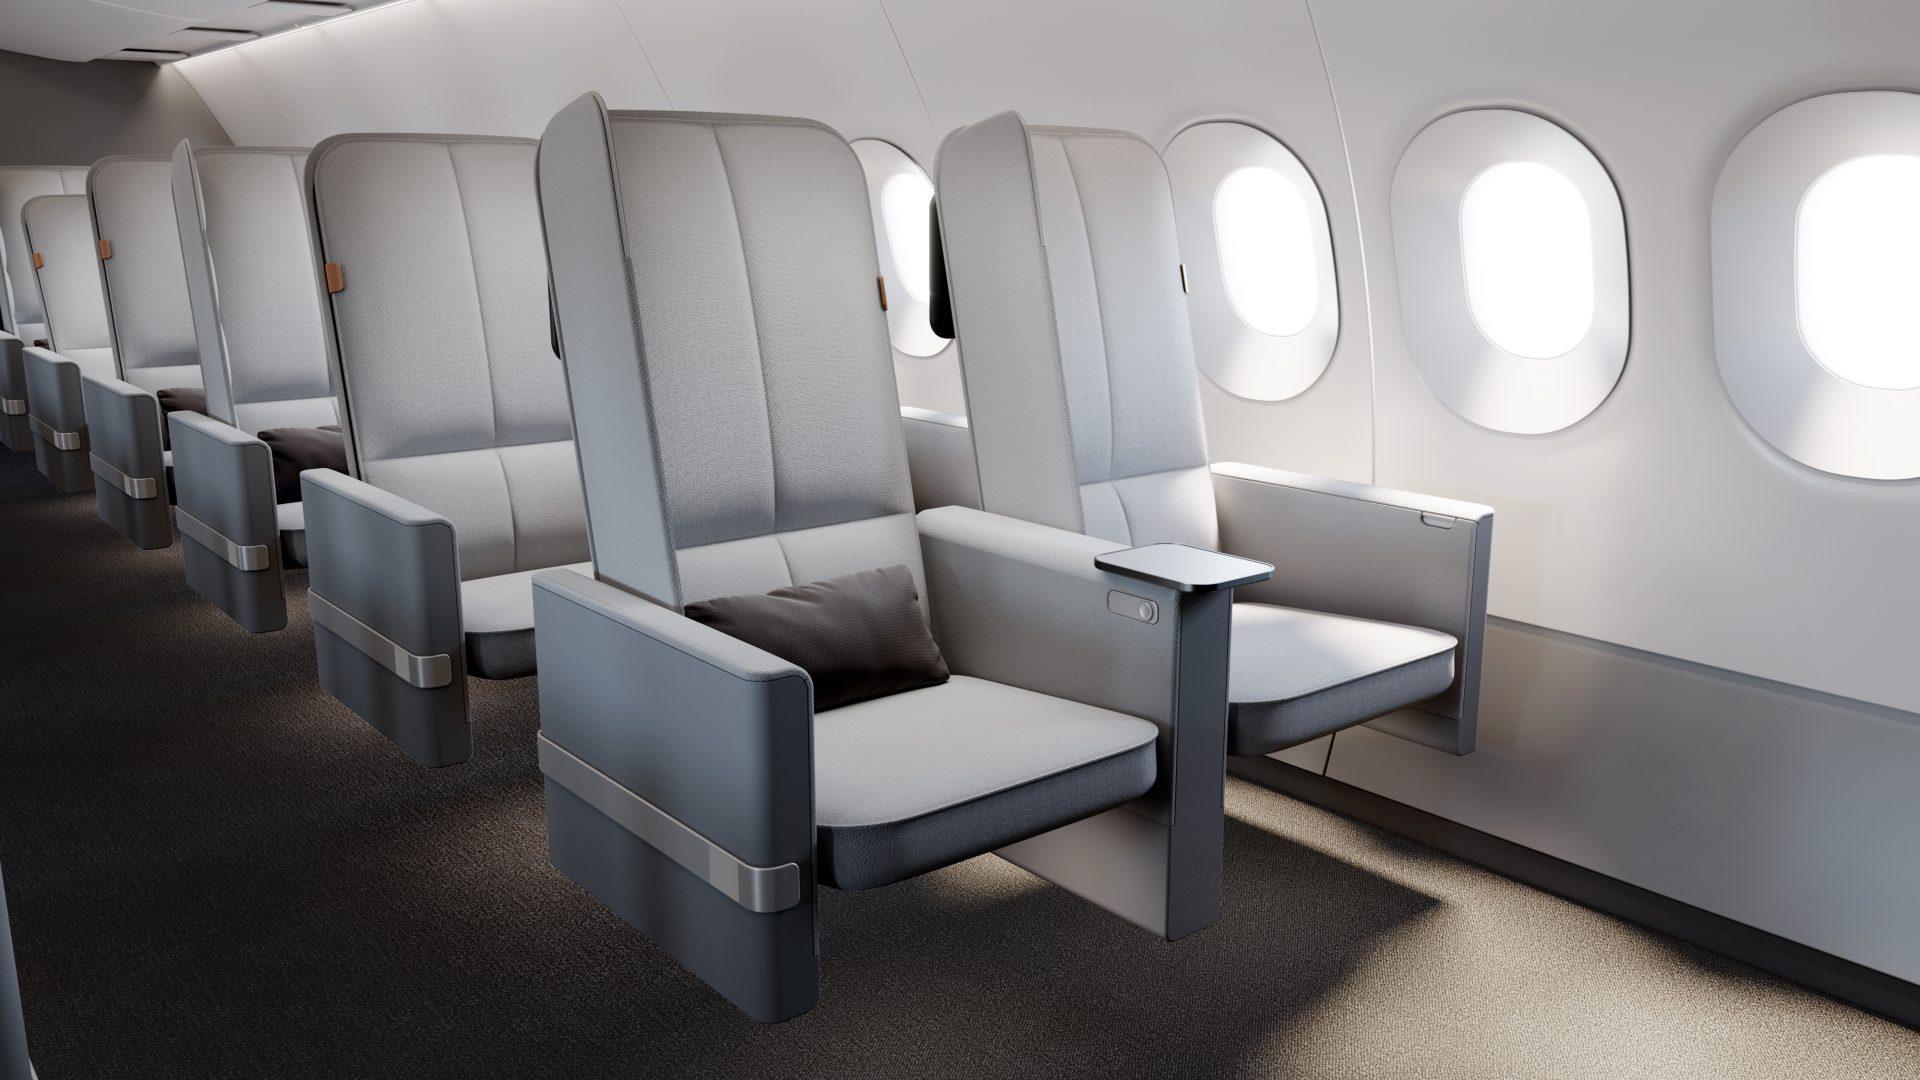 airplane-seat-economy